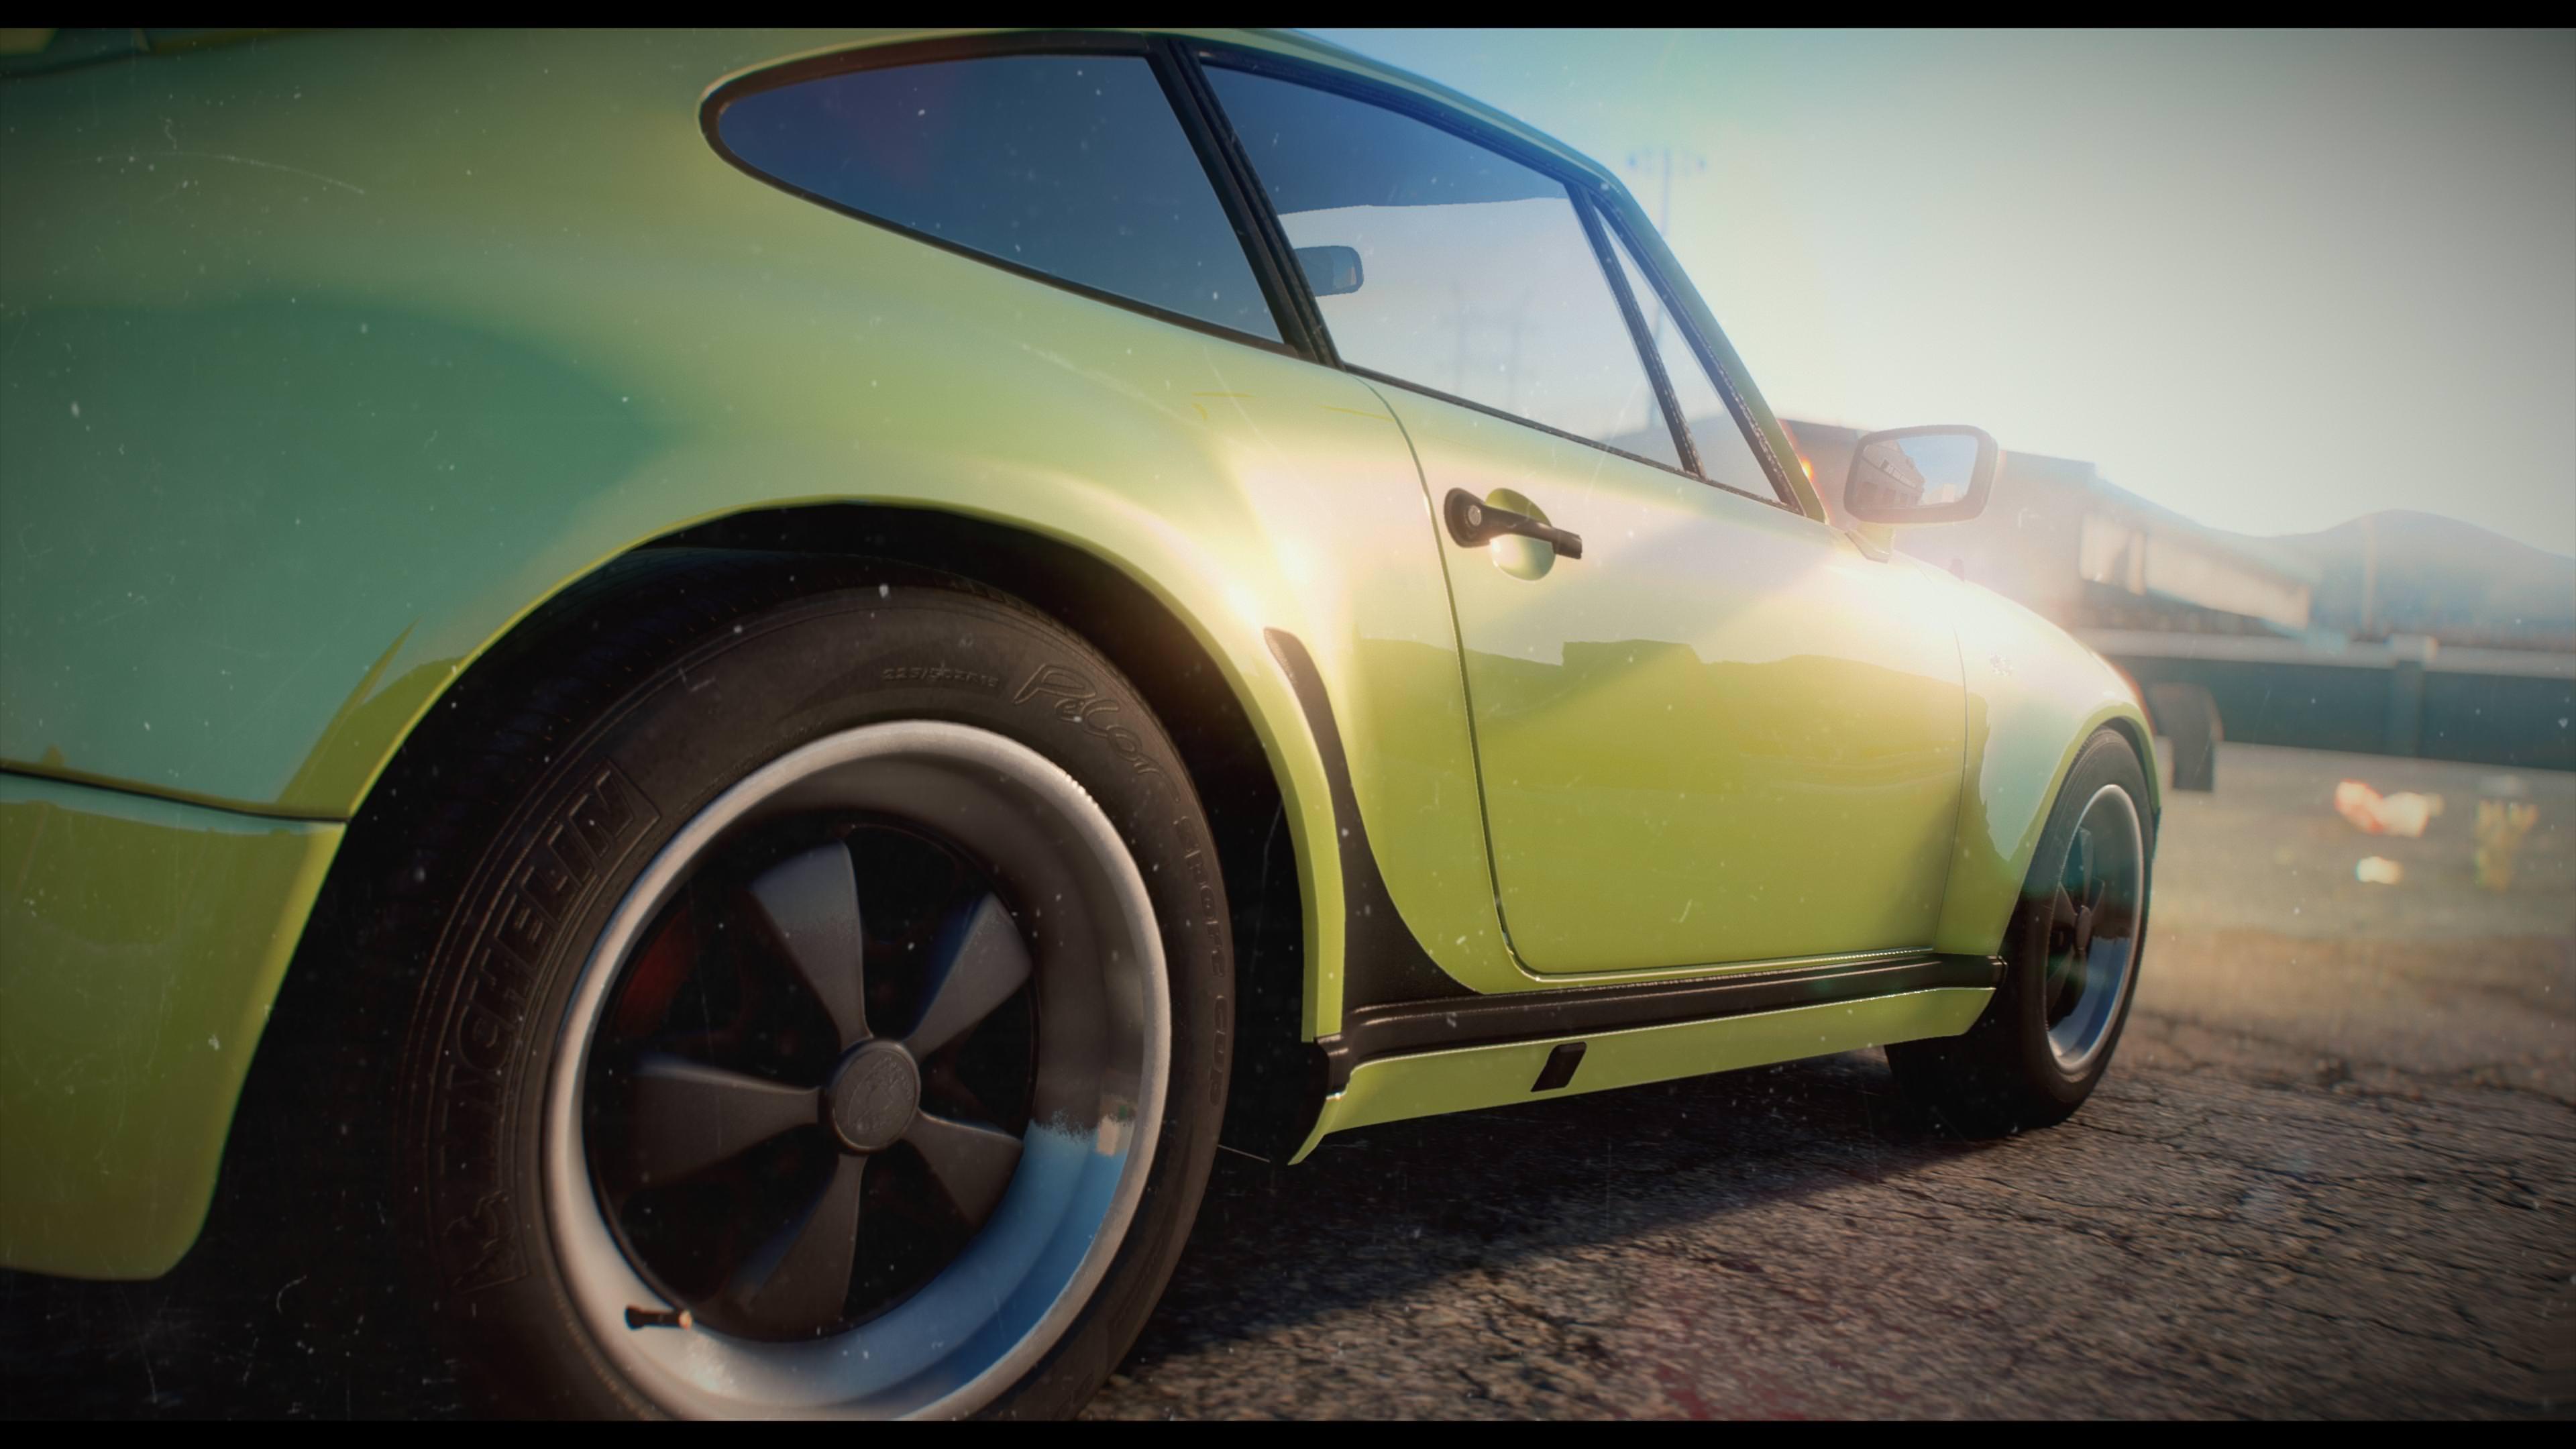 1982 Porsche 911 Turbo 930 Gta5 Mods Com